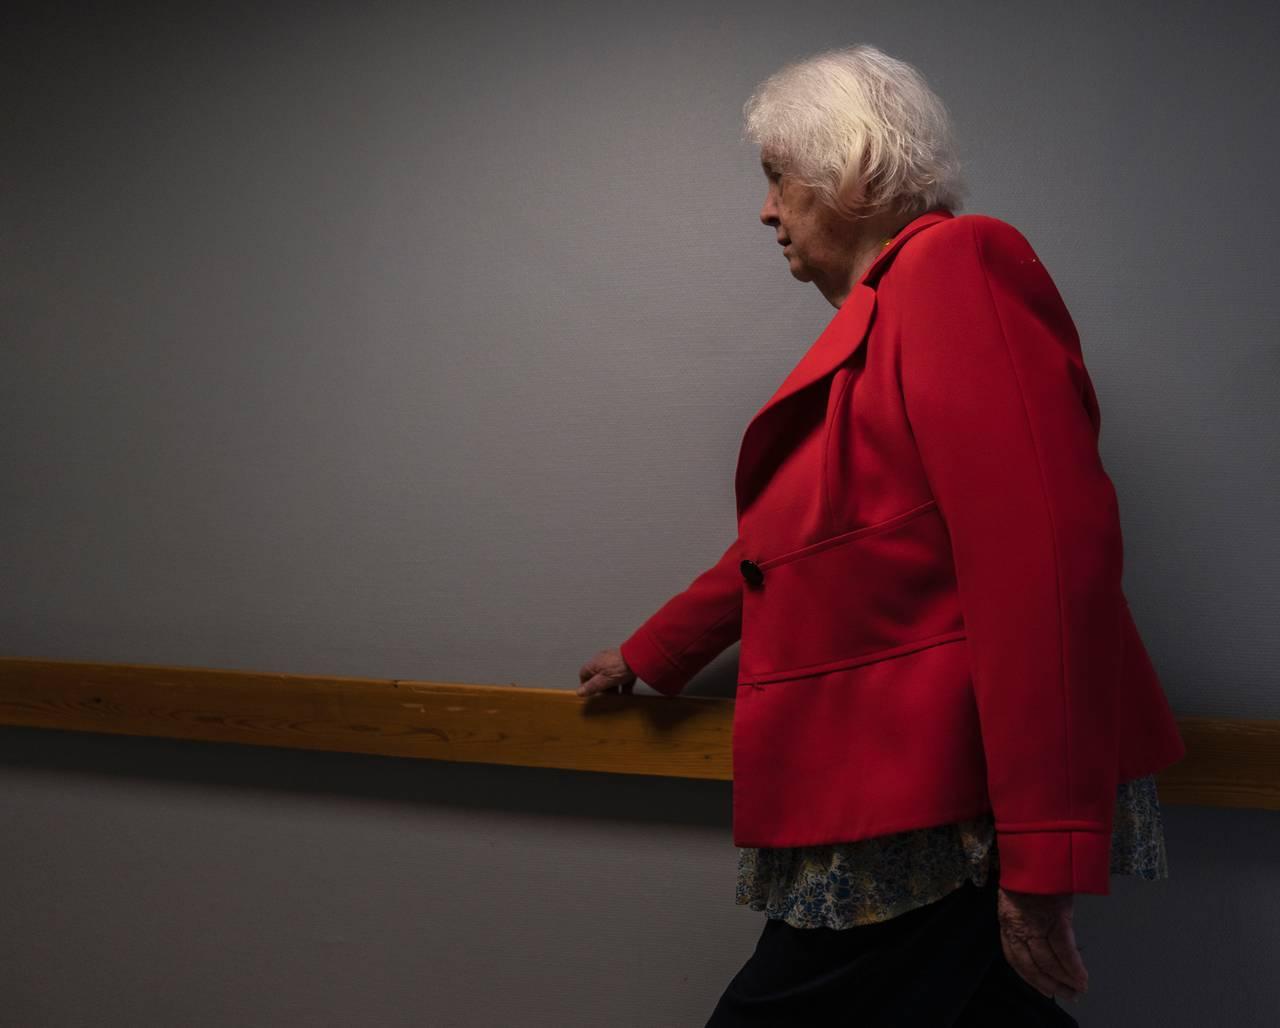 Kvinne i rød jakke går bestemt ned en korridor. Holder seg til gelenderet.